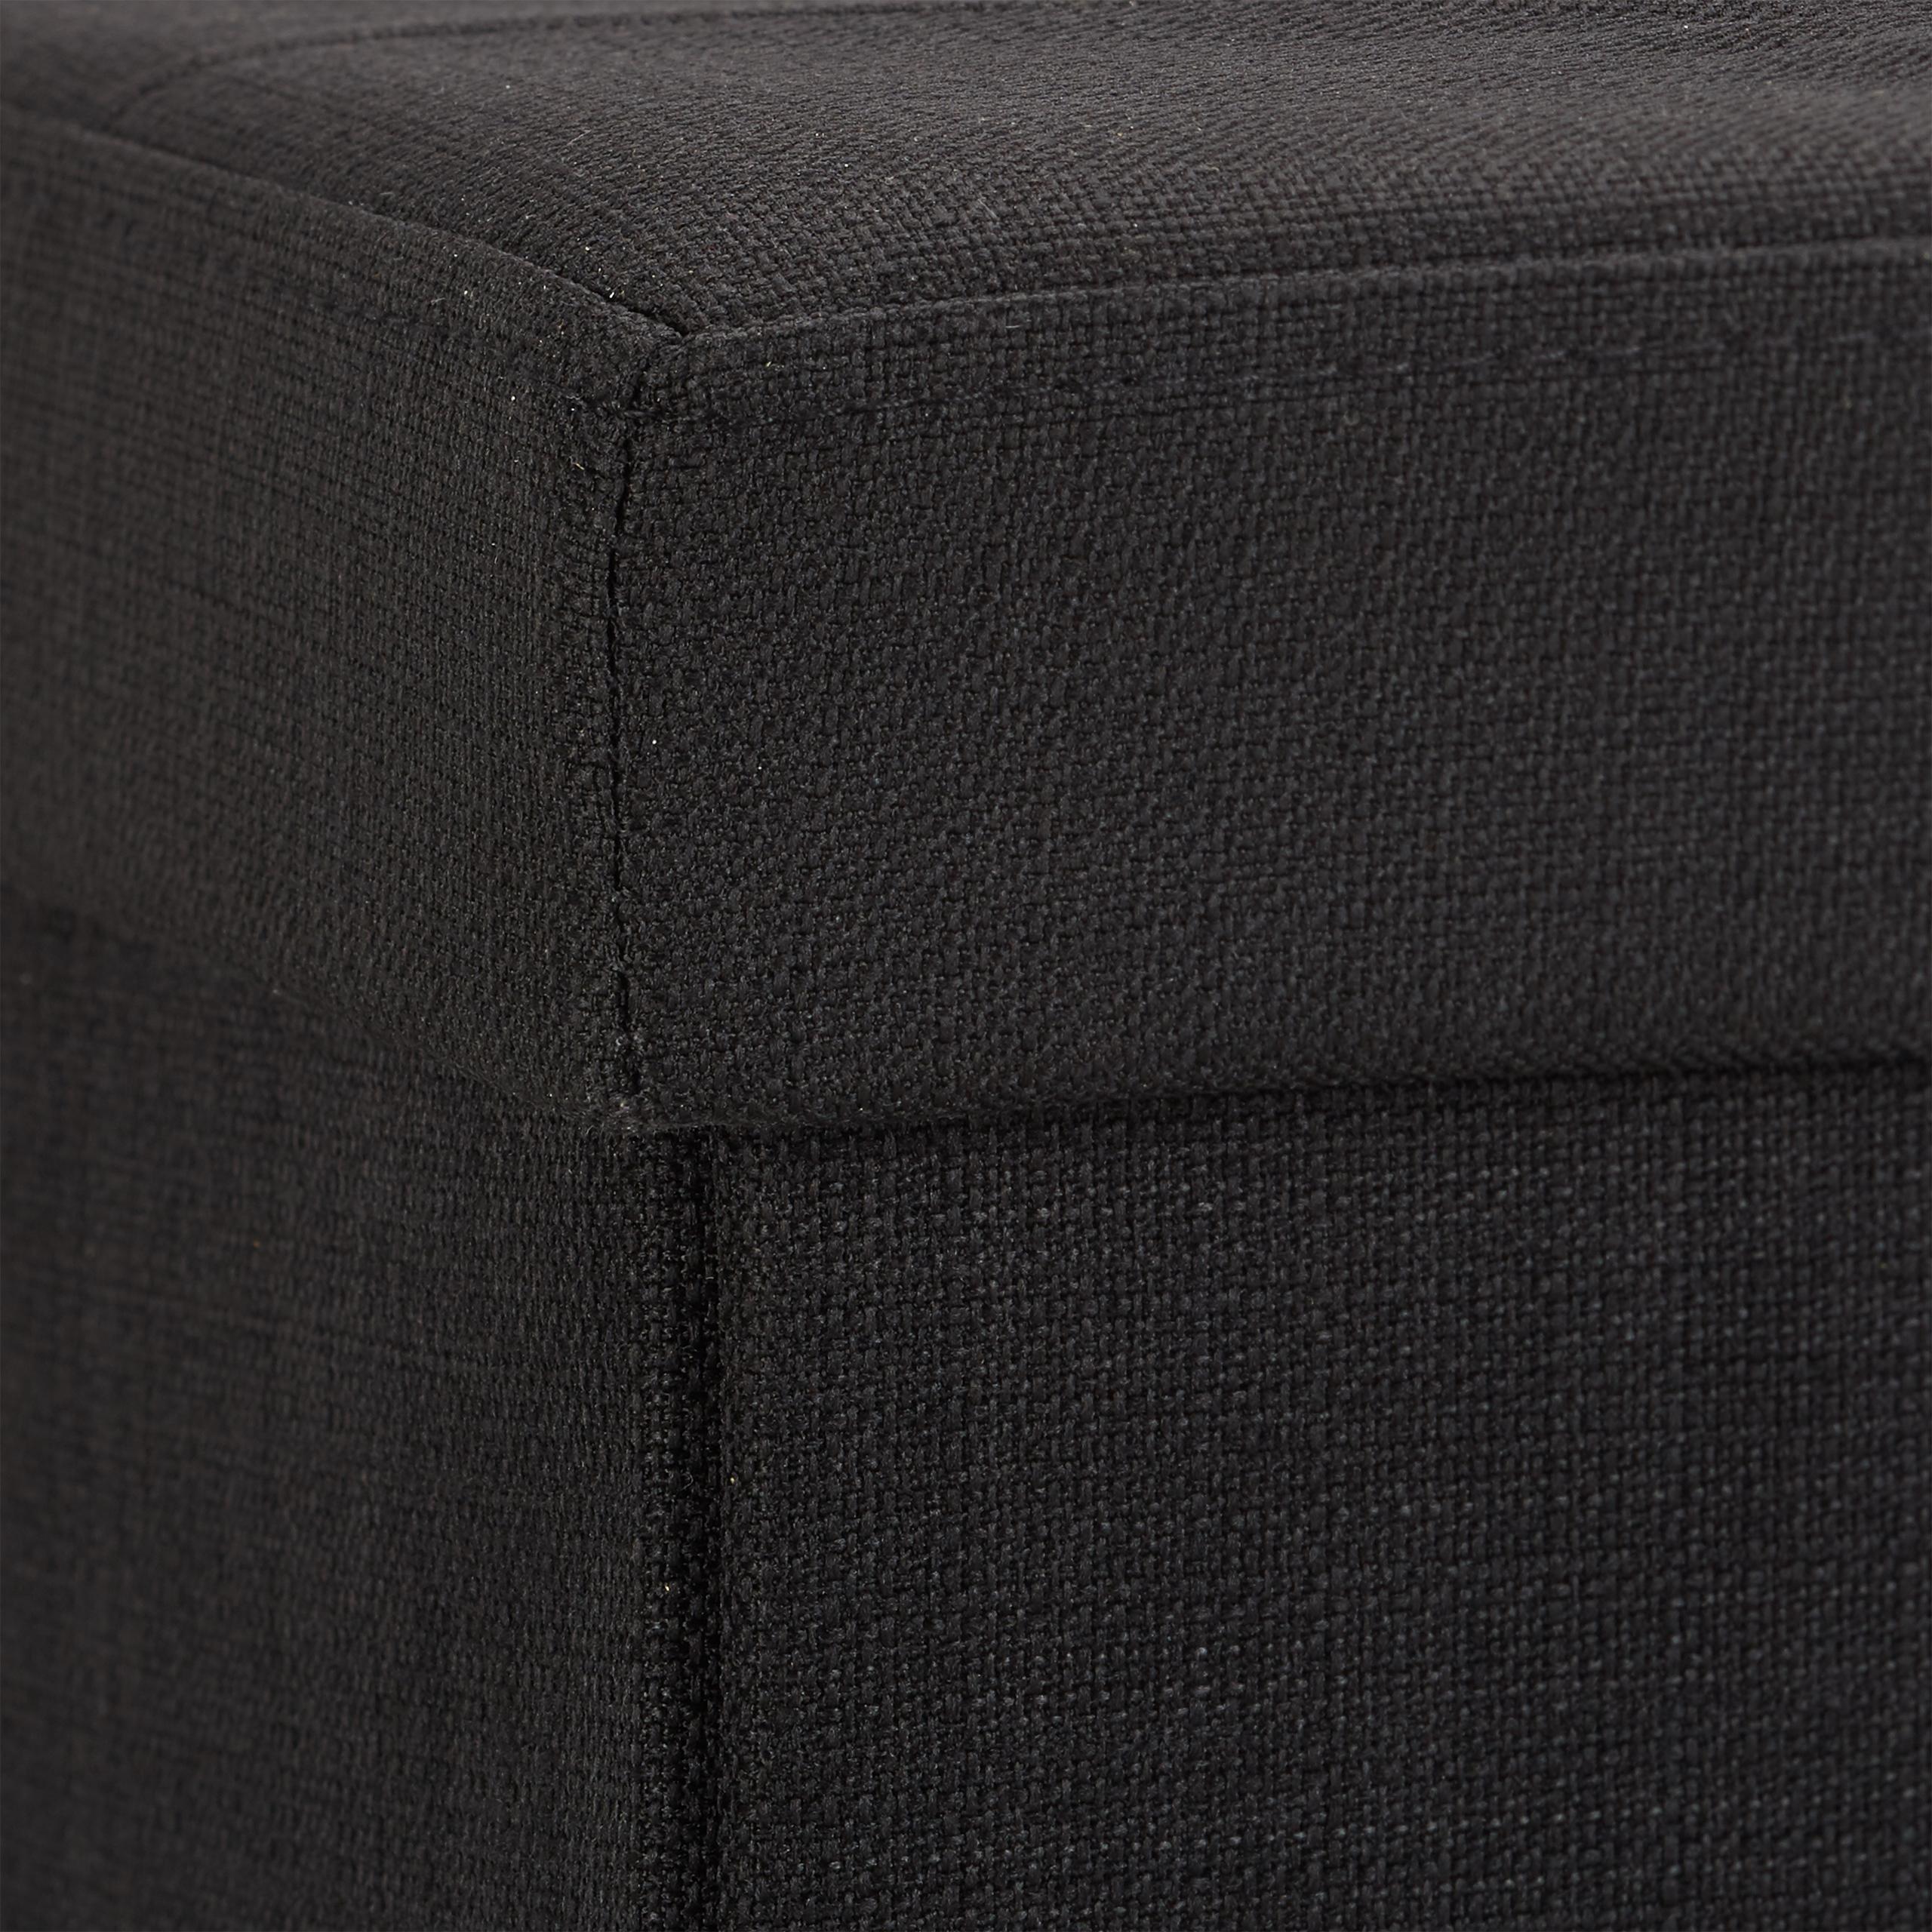 Faltbare-Sitzbank-inkl-Stauraum-Leinen-38x114x38-Sitzhocker-Sitztruhe-Polster